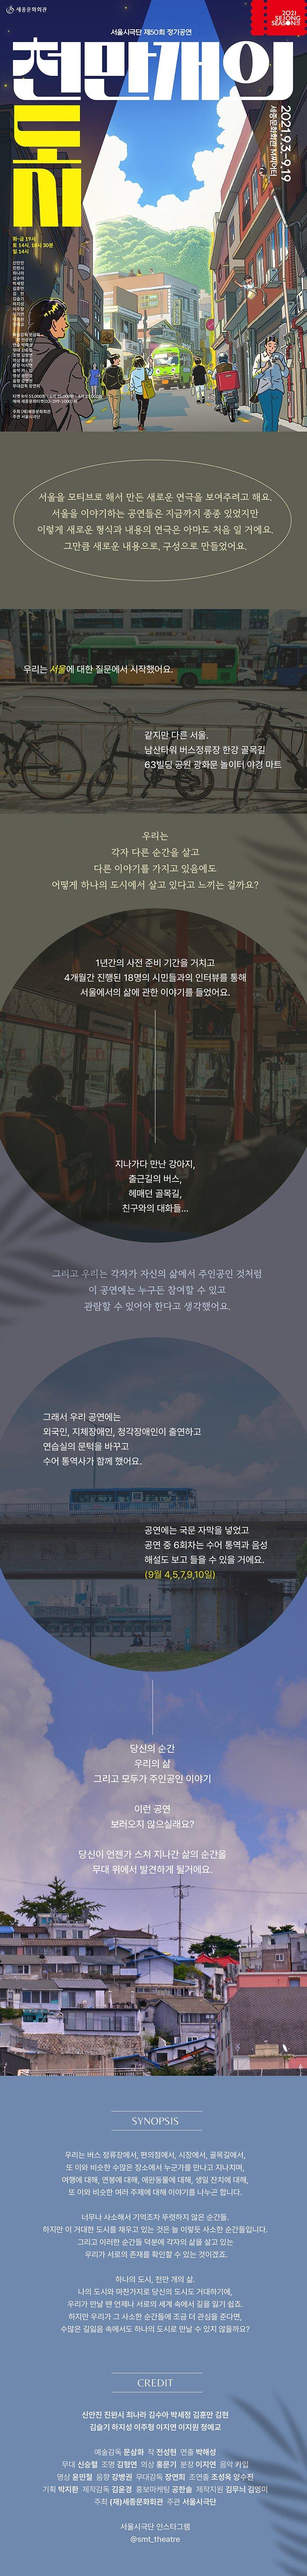 천만 개의 도시 상세페이지 서울을 모티브로 해서 만든 새로운 연극을 보여주려고 해요.서울을 이야기하는 공연들은 지금까지 종종 있었지만이렇게 새로운 형식과 내용의 연극은 아마도 처음 일 거에요.그만큼 새로운 내용으로, 구성으로 만들었어요.우리는 서울에 대한 질문에서 시작했어요.같지만 다른 서울.남산타워 버스정류장 한강 골목길 63빌딩 공원 광화문 놀이터 야경 마트우리는 각자 다른 순간을 살고 다른 이야기를 가지고 있음에도어떻게 하나의 도시에서 살고 있다고 느끼는 걸까요?1년간의 사전 준비 기간을 거치고4개월간 진행된 18명의 시민들과의 인터뷰를 통해서울에서의 삶에 관한 이야기를 들었어요.지나가다 만난 강아지, 출근길의 버스, 헤매던 골목길, 친구와의 대화들…모여진 일상적인 순간, 모습들은47개의 이야기로 새롭고 다양하게 만들어졌어요.그리고 우리는 각자가 자신의 삶에서 주인공인 것처럼이 공연에는 누구든 참여할 수 있고관람할 수 있어야 한다고 생각했어요.연습실의 문턱을 바꾸었고 수어 통역사가 연습 기간 함께 했어요.전체 공연 기간 자막 해설을 볼 수 있고6회차 동안 수어 통역과 음성 해설을 들을 수 있을 거예요.당신의 순간우리의 삶그리고 모두가 주인공인 이야기이런 공연보러 오지 않으실래요?당신이 언젠가 스쳐 지나간 삶의 순간을무대 위에서 발견하게 될거에요.Synopsis각자의 사연을 갖고 서울로 모여든 천만의 사람들서울토박이부터 외국인까지, 꿈을 안고 살아가는 사람들지하철, 버스, 식당, 인도, 입시학원, 주차장, 편의점, 횡단보도학생, 주민, 승객, 행인 그리고 강아지, 고양이우리가 존재하는 곳과, 우리 곁에 존재하는 것에 관한 이야기천만 명의 도시천만 개의 이야기그리고 너와 나, 우리 모두의 이야기시놉시스우리는 버스 정류장에서, 편의점에서, 시장에서, 골목길에서,또 이와 비슷한 수많은 장소에서 누군가를 만나고 지나치며,여행에 대해, 연봉에 대해, 애완동물에 대해, 생일 잔치에 대해,또 이와 비슷한 여러 주제에 대해 이야기를 나누곤 합니다.너무나 사소해서 기억조차 뚜렷하지 않은 순간들.하지만 이 거대한 도시를 채우고 있는 것은 늘 이렇듯 사소한 순간들입니다.그리고 이러한 순간들 덕분에 각자의 삶을 살고 있는 우리가 서로의 존재를 확인할 수 있는 것이겠죠.하나의 도시, 천만 개의 삶.나의 도시와 마찬가지로 당신의 도시도 거대하기에,우리가 만날 땐 언제나 서로의 세계 속에서 길을 잃기 쉽죠.하지만 우리가 그 사소한 순간들에 조금 더 관심을 준다면,수많은 길잃음 속에서도 하나의 도시로 만날 수 있지 않을까요?CAST & CREDIT신안진 진완시 최나라 김훈만 김수아 박세정 김현김슬기 하지성 이주형 이지연 이지원 정예교예술감독 문삼화 작 전성현 연출 박해성무대 신승렬 조명 김형연 의상 홍문기 분장 이지연 음악 카입 영상 윤민철 음향 강병권 무대감독 장연희 조연출 조성옥 양수진기획 박지환 제작감독 김윤경 홍보마케팅 공한솔 제작지원 김무늬 김영미주최 (재)세종문화회관 주관 서울시극단서울시극단 인스타그램 @smt_theatre